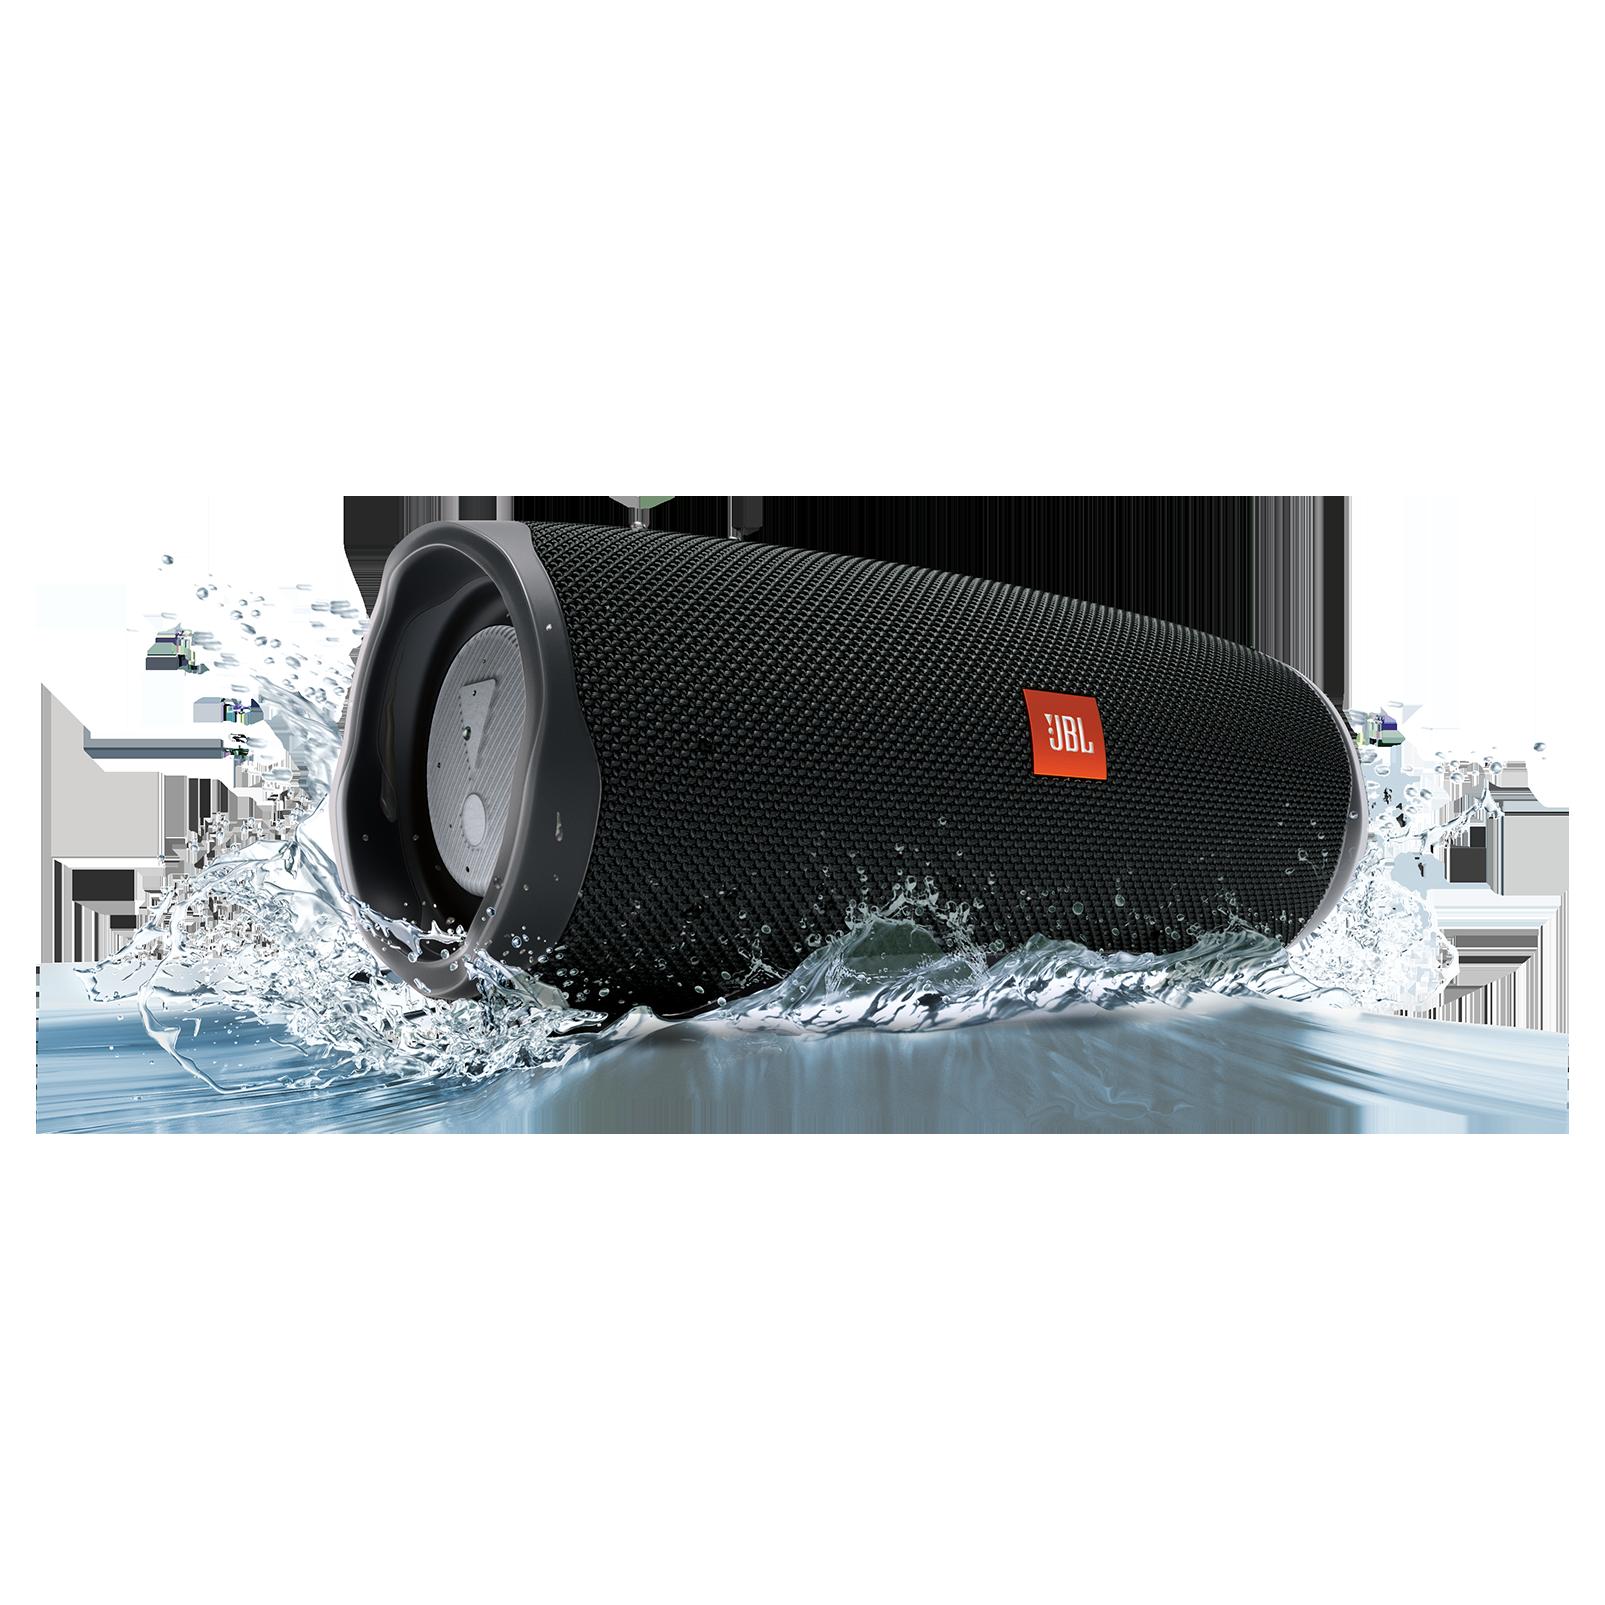 JBL Charge 4 - Black - Portable Bluetooth speaker - Detailshot 5